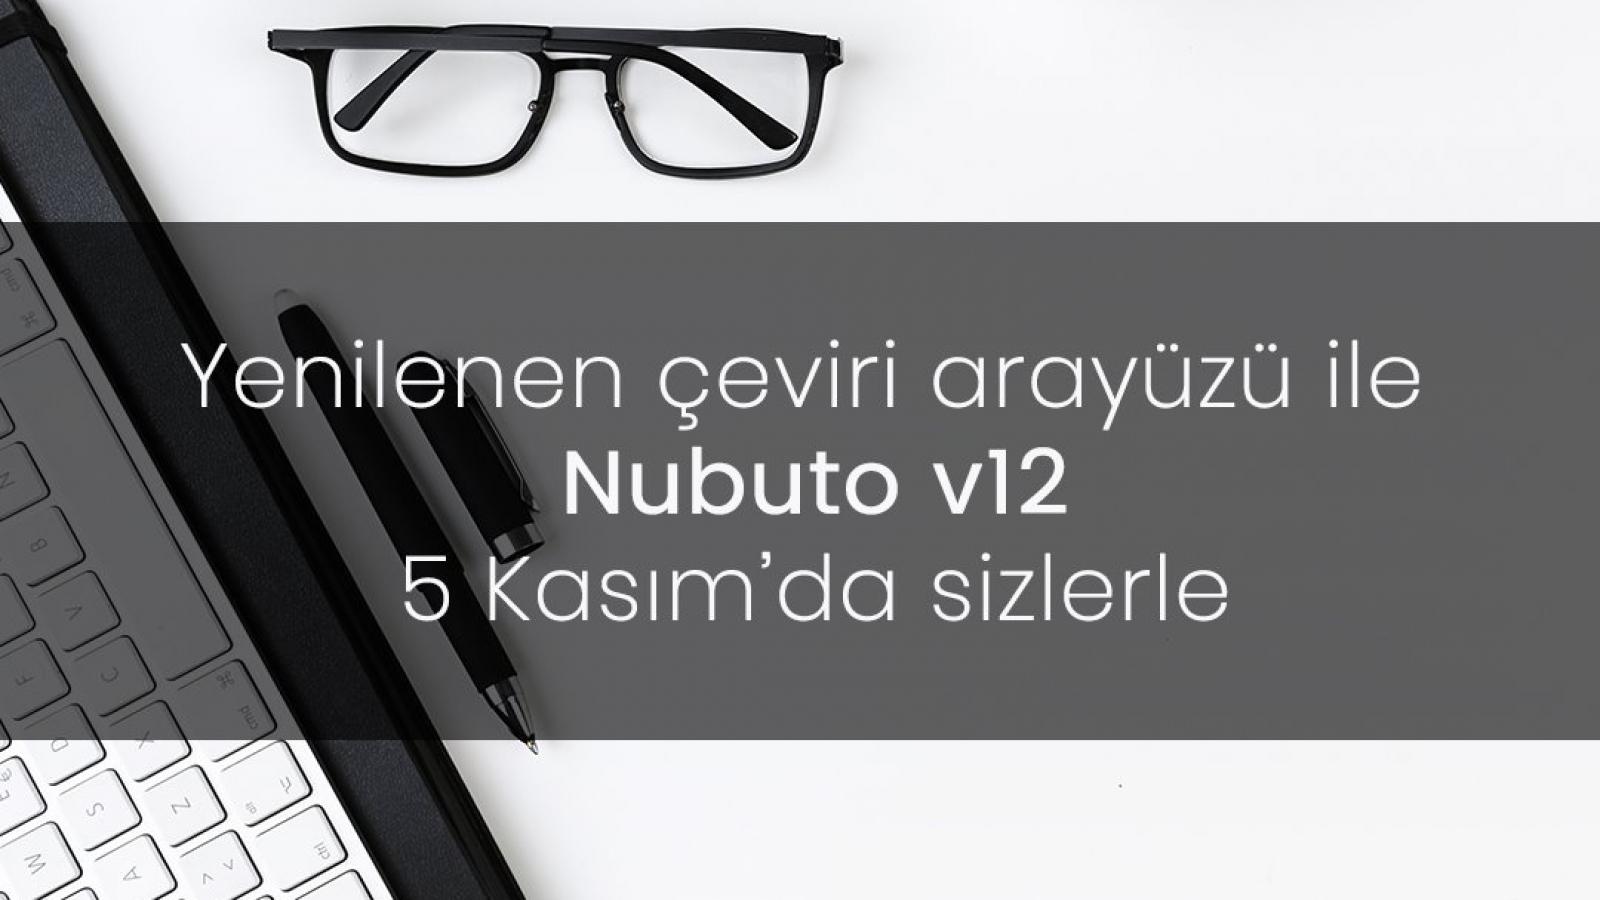 nubuto v12